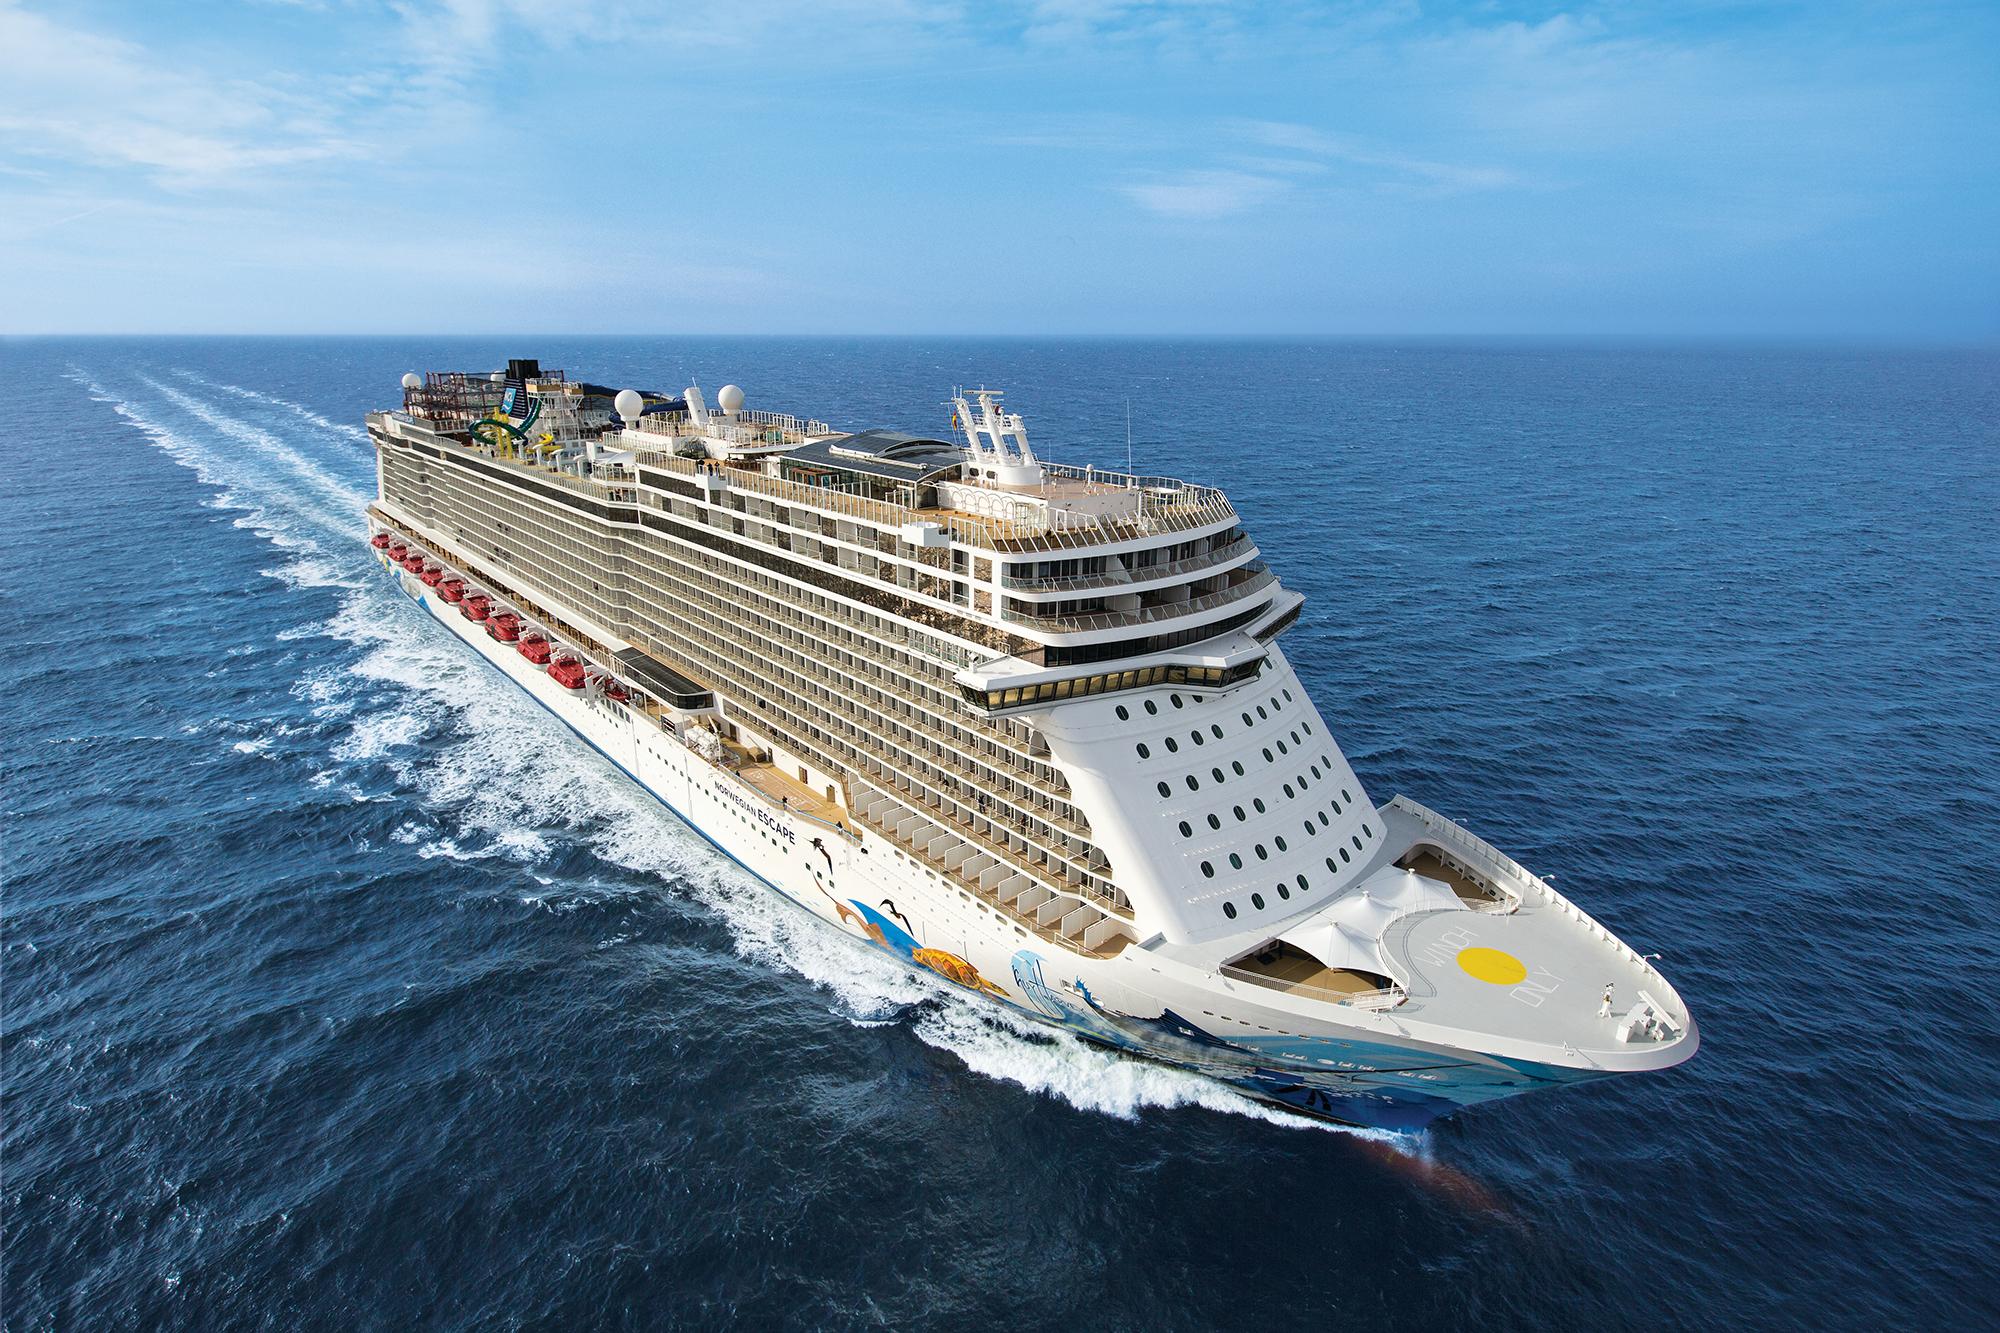 Norwegian Escape får i 2020 blandt andet krydstogter ud af Københavns Havn. Foto: Norwegian Cruise Line.